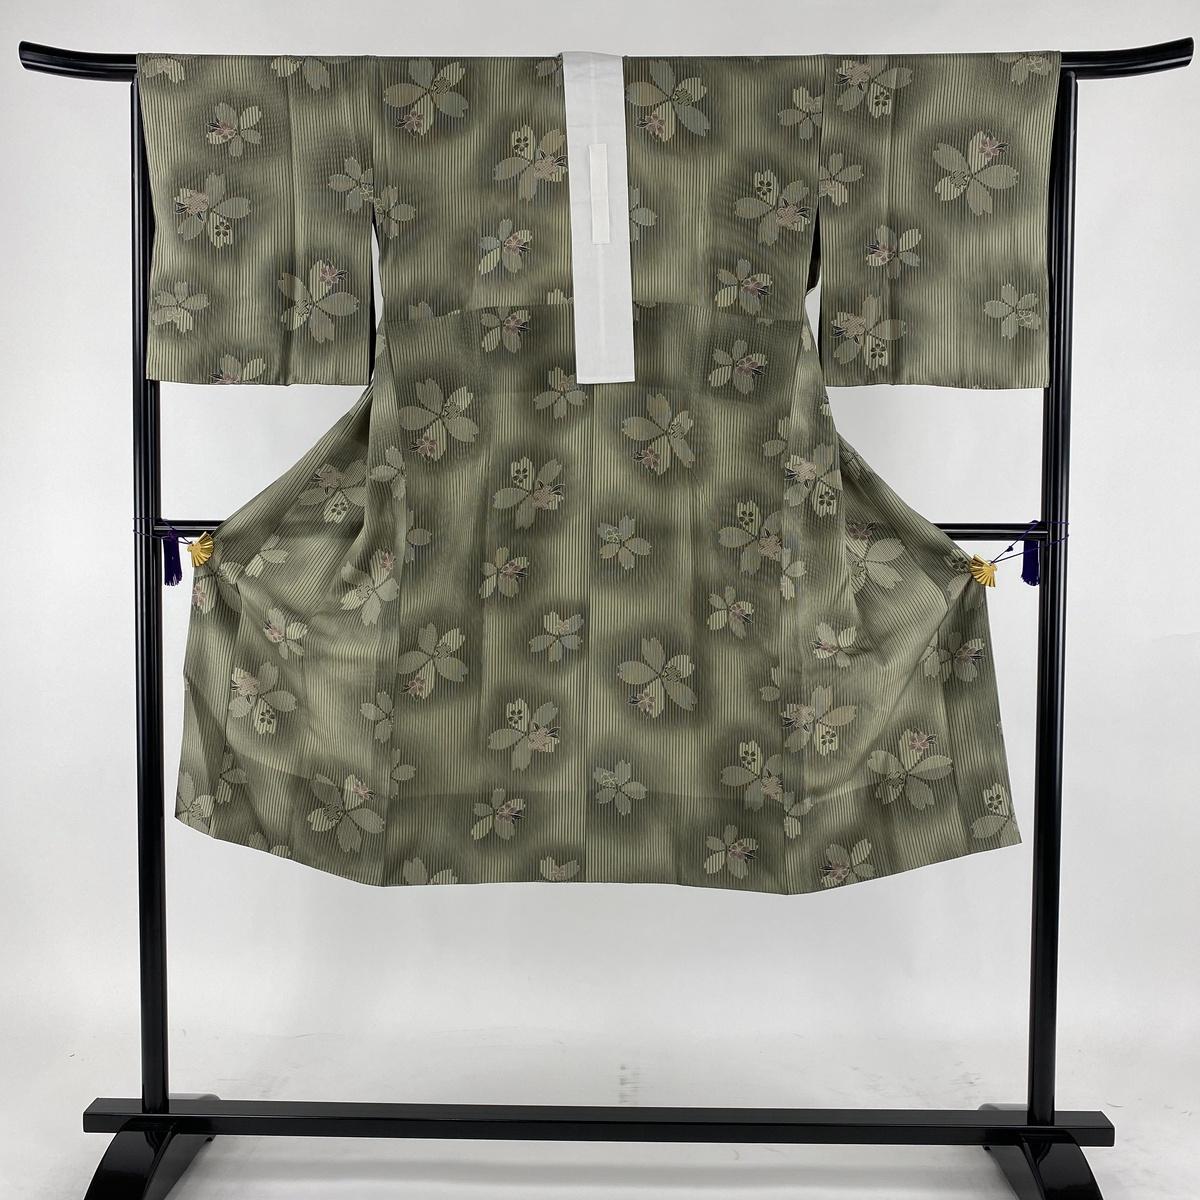 長襦袢 美品 秀品 縞 桜 灰緑 身丈121cm 裄丈64.5cm M 正絹 【中古】